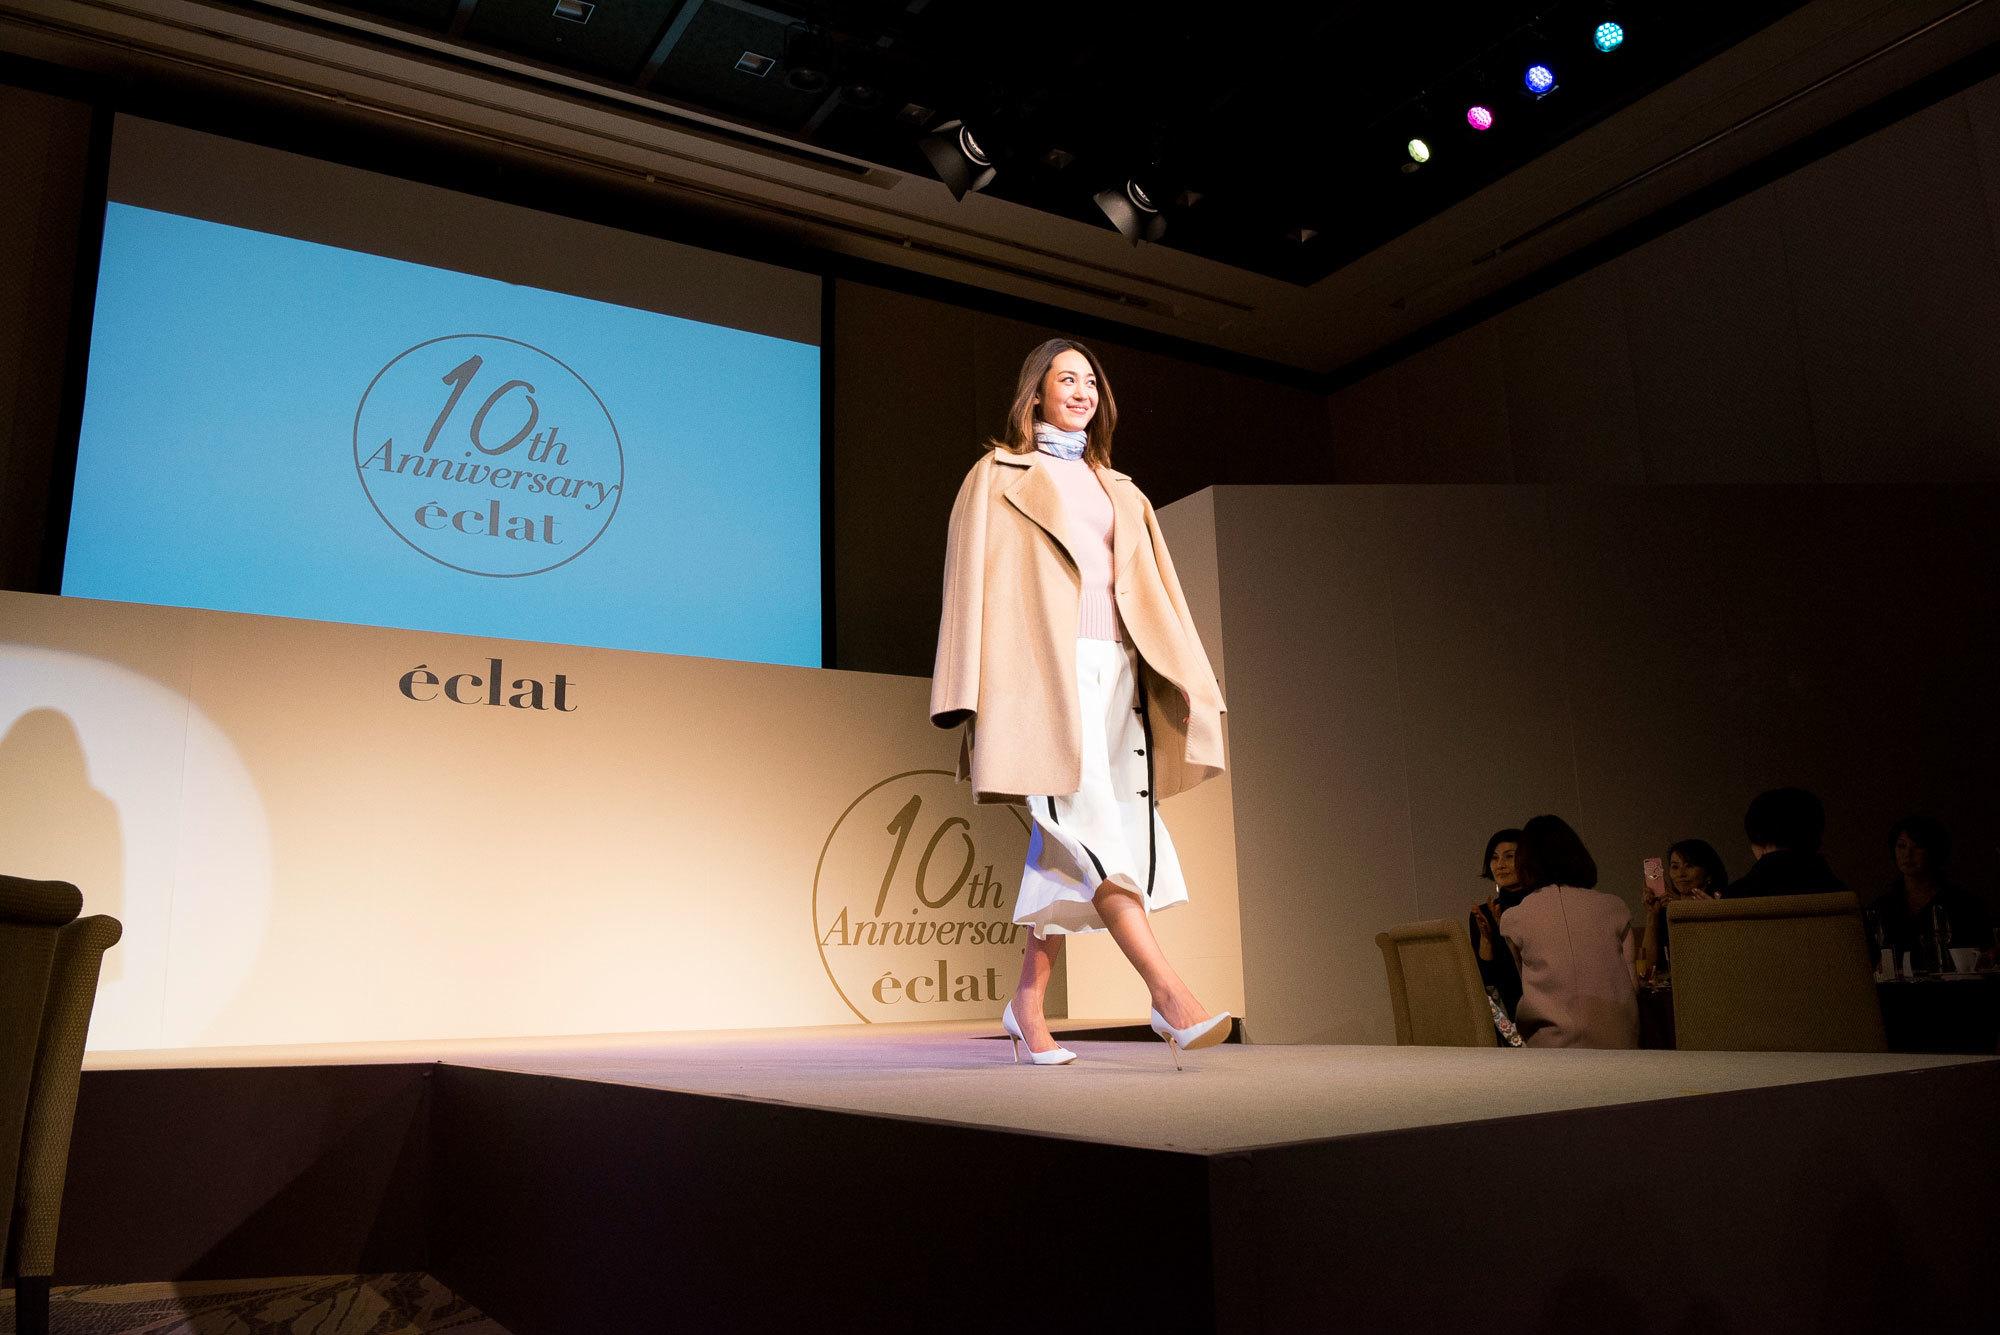 エクラモデルによる、あの人気ブランドのショーを目の前で! ファッションフロアショー_1_1-5